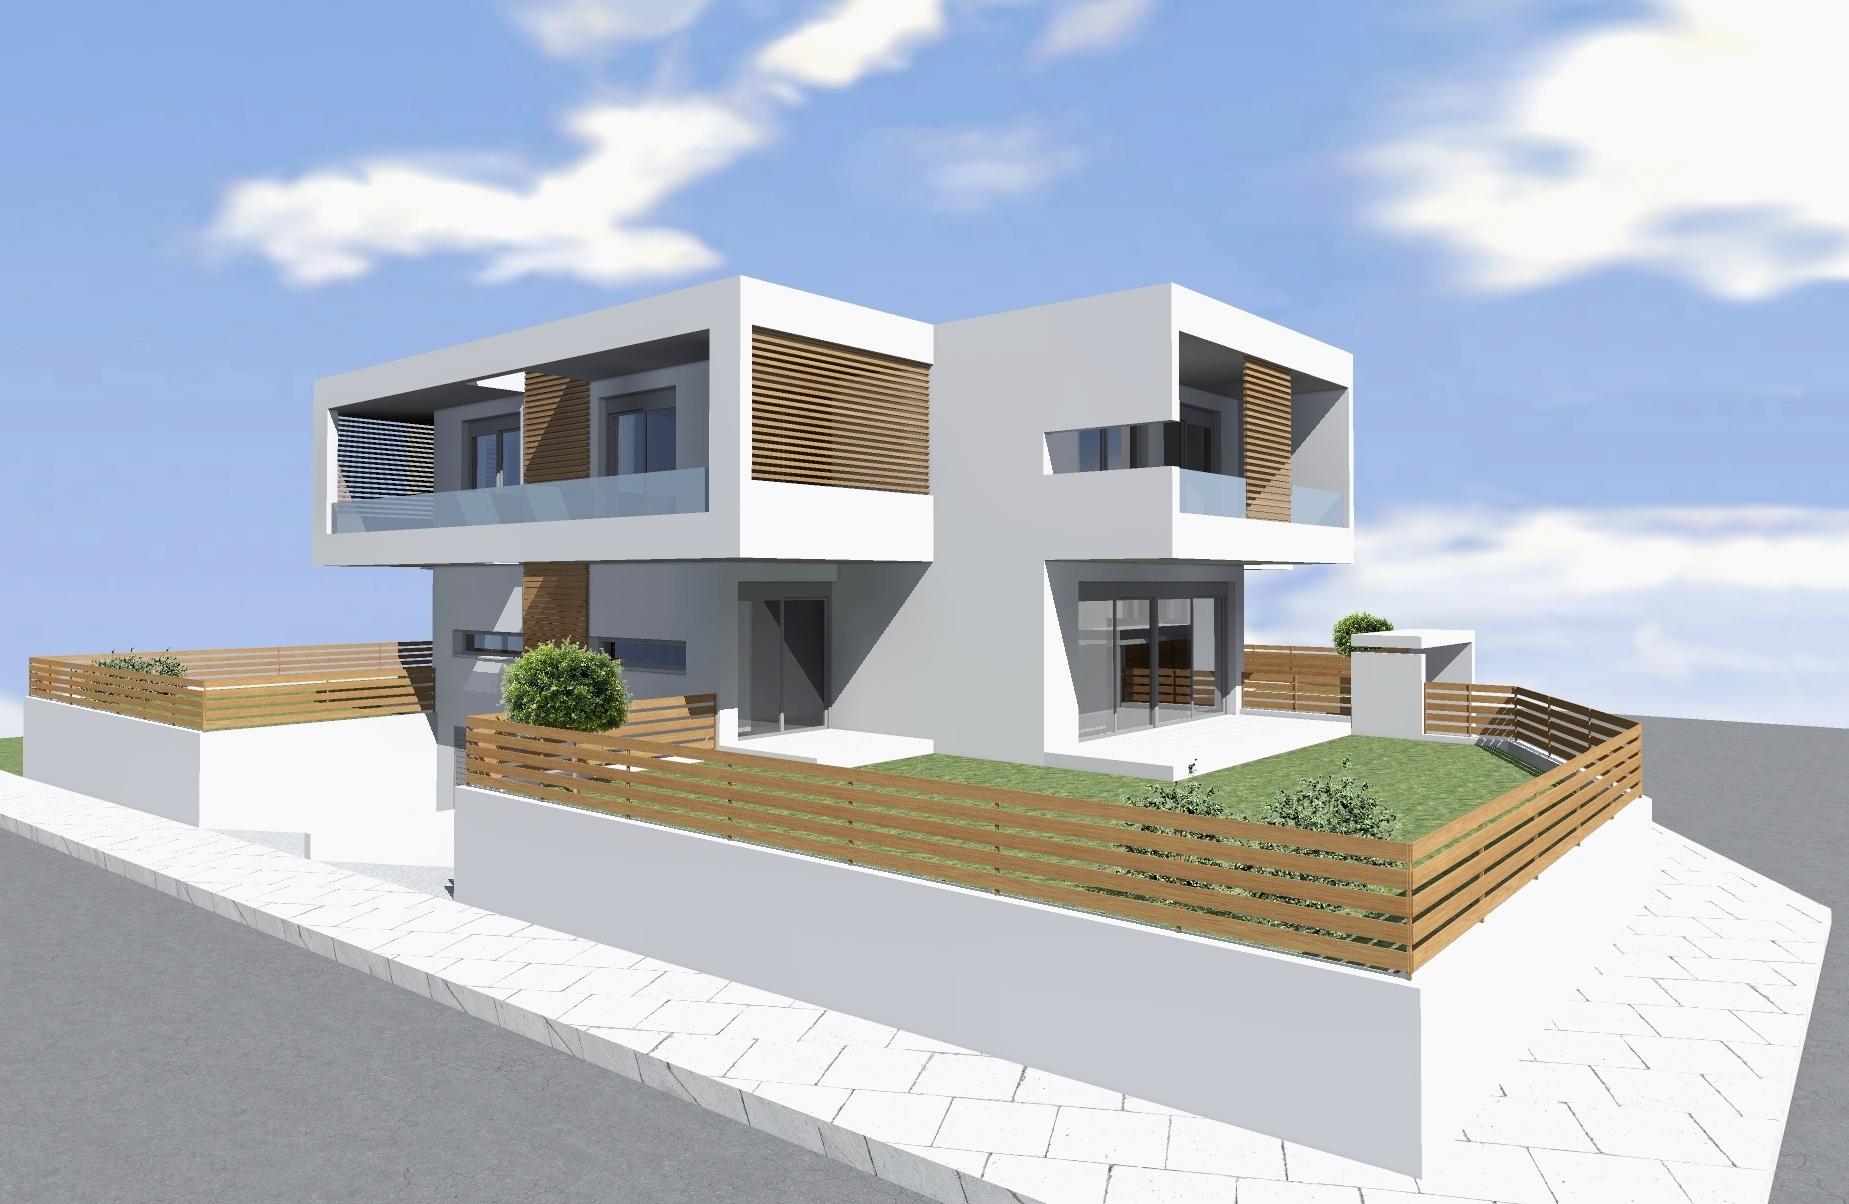 Νέο συγκρότημα κατοικιών | 2016